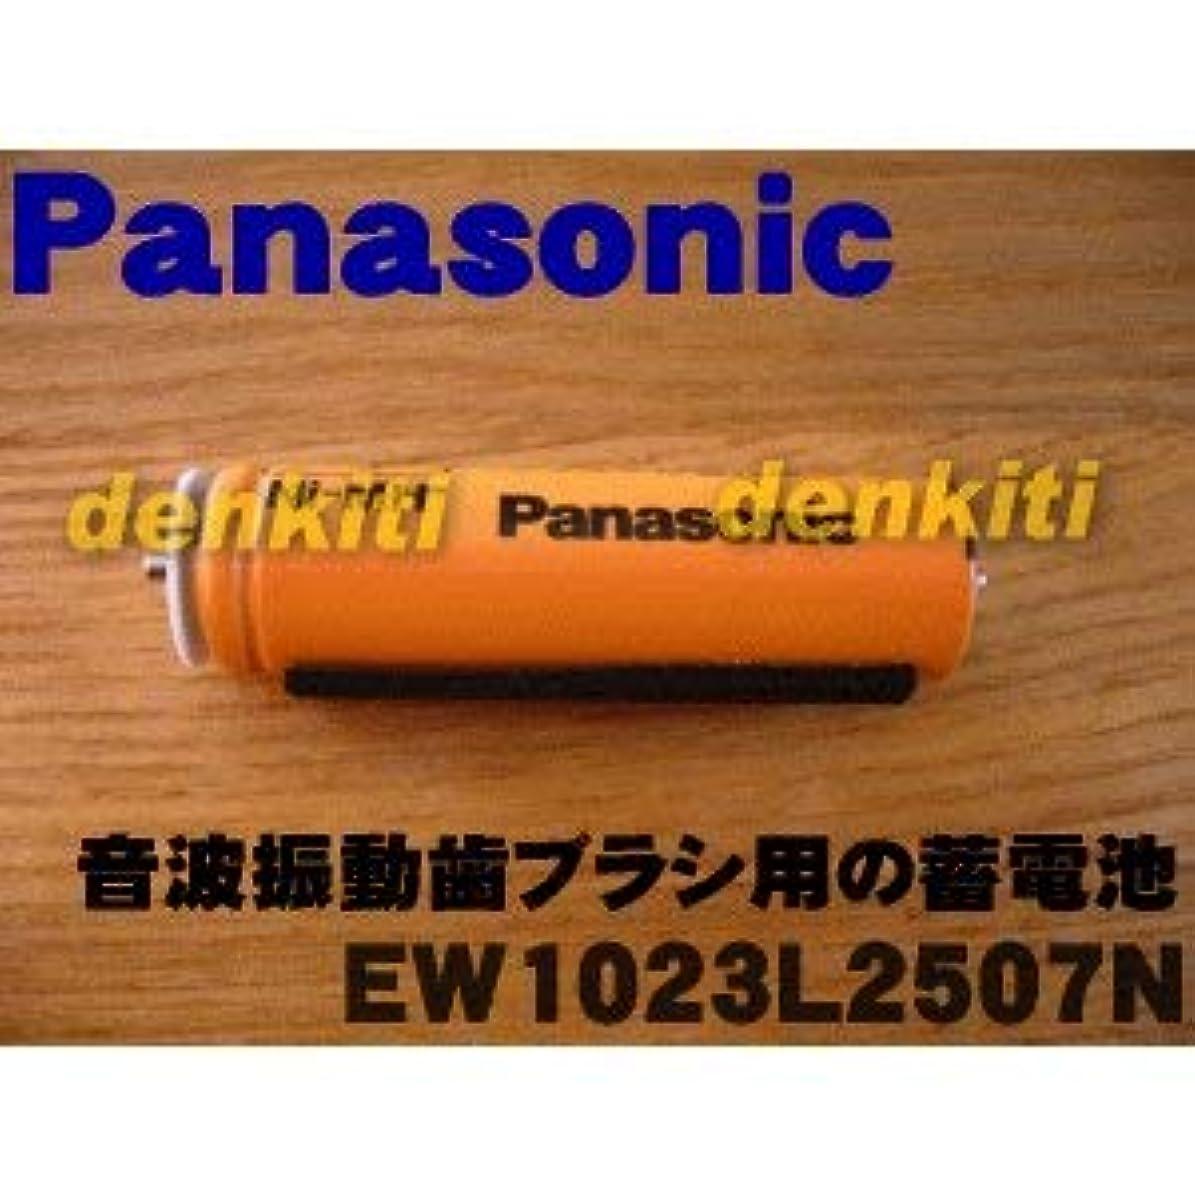 検出きつく高い【ゆうパケット対応品】 パナソニック Panasonic 音波振動ハブラシ Doltz 蓄電池交換用蓄電池 EW1023L2507N